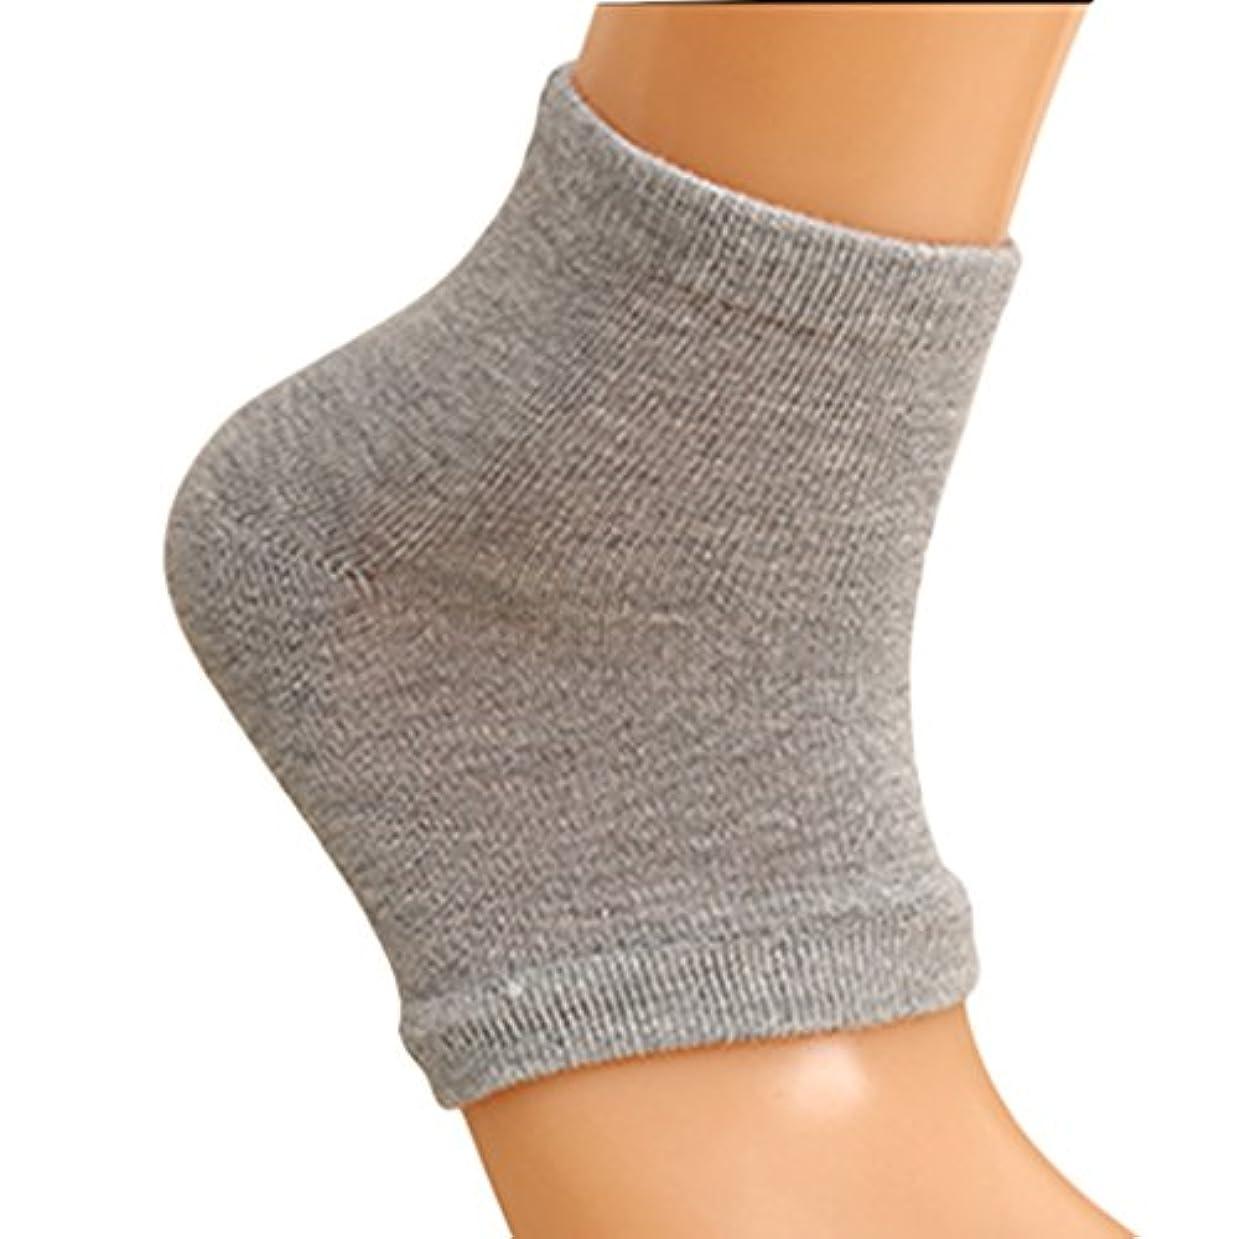 インタラクション艦隊一見Seliyi 2色組 靴下 ソックス レディース メンズ 靴下 つるつる 靴下 フットケア かかとケア ひび 角質ケア 保湿 角質除去(ピンク+グレー)